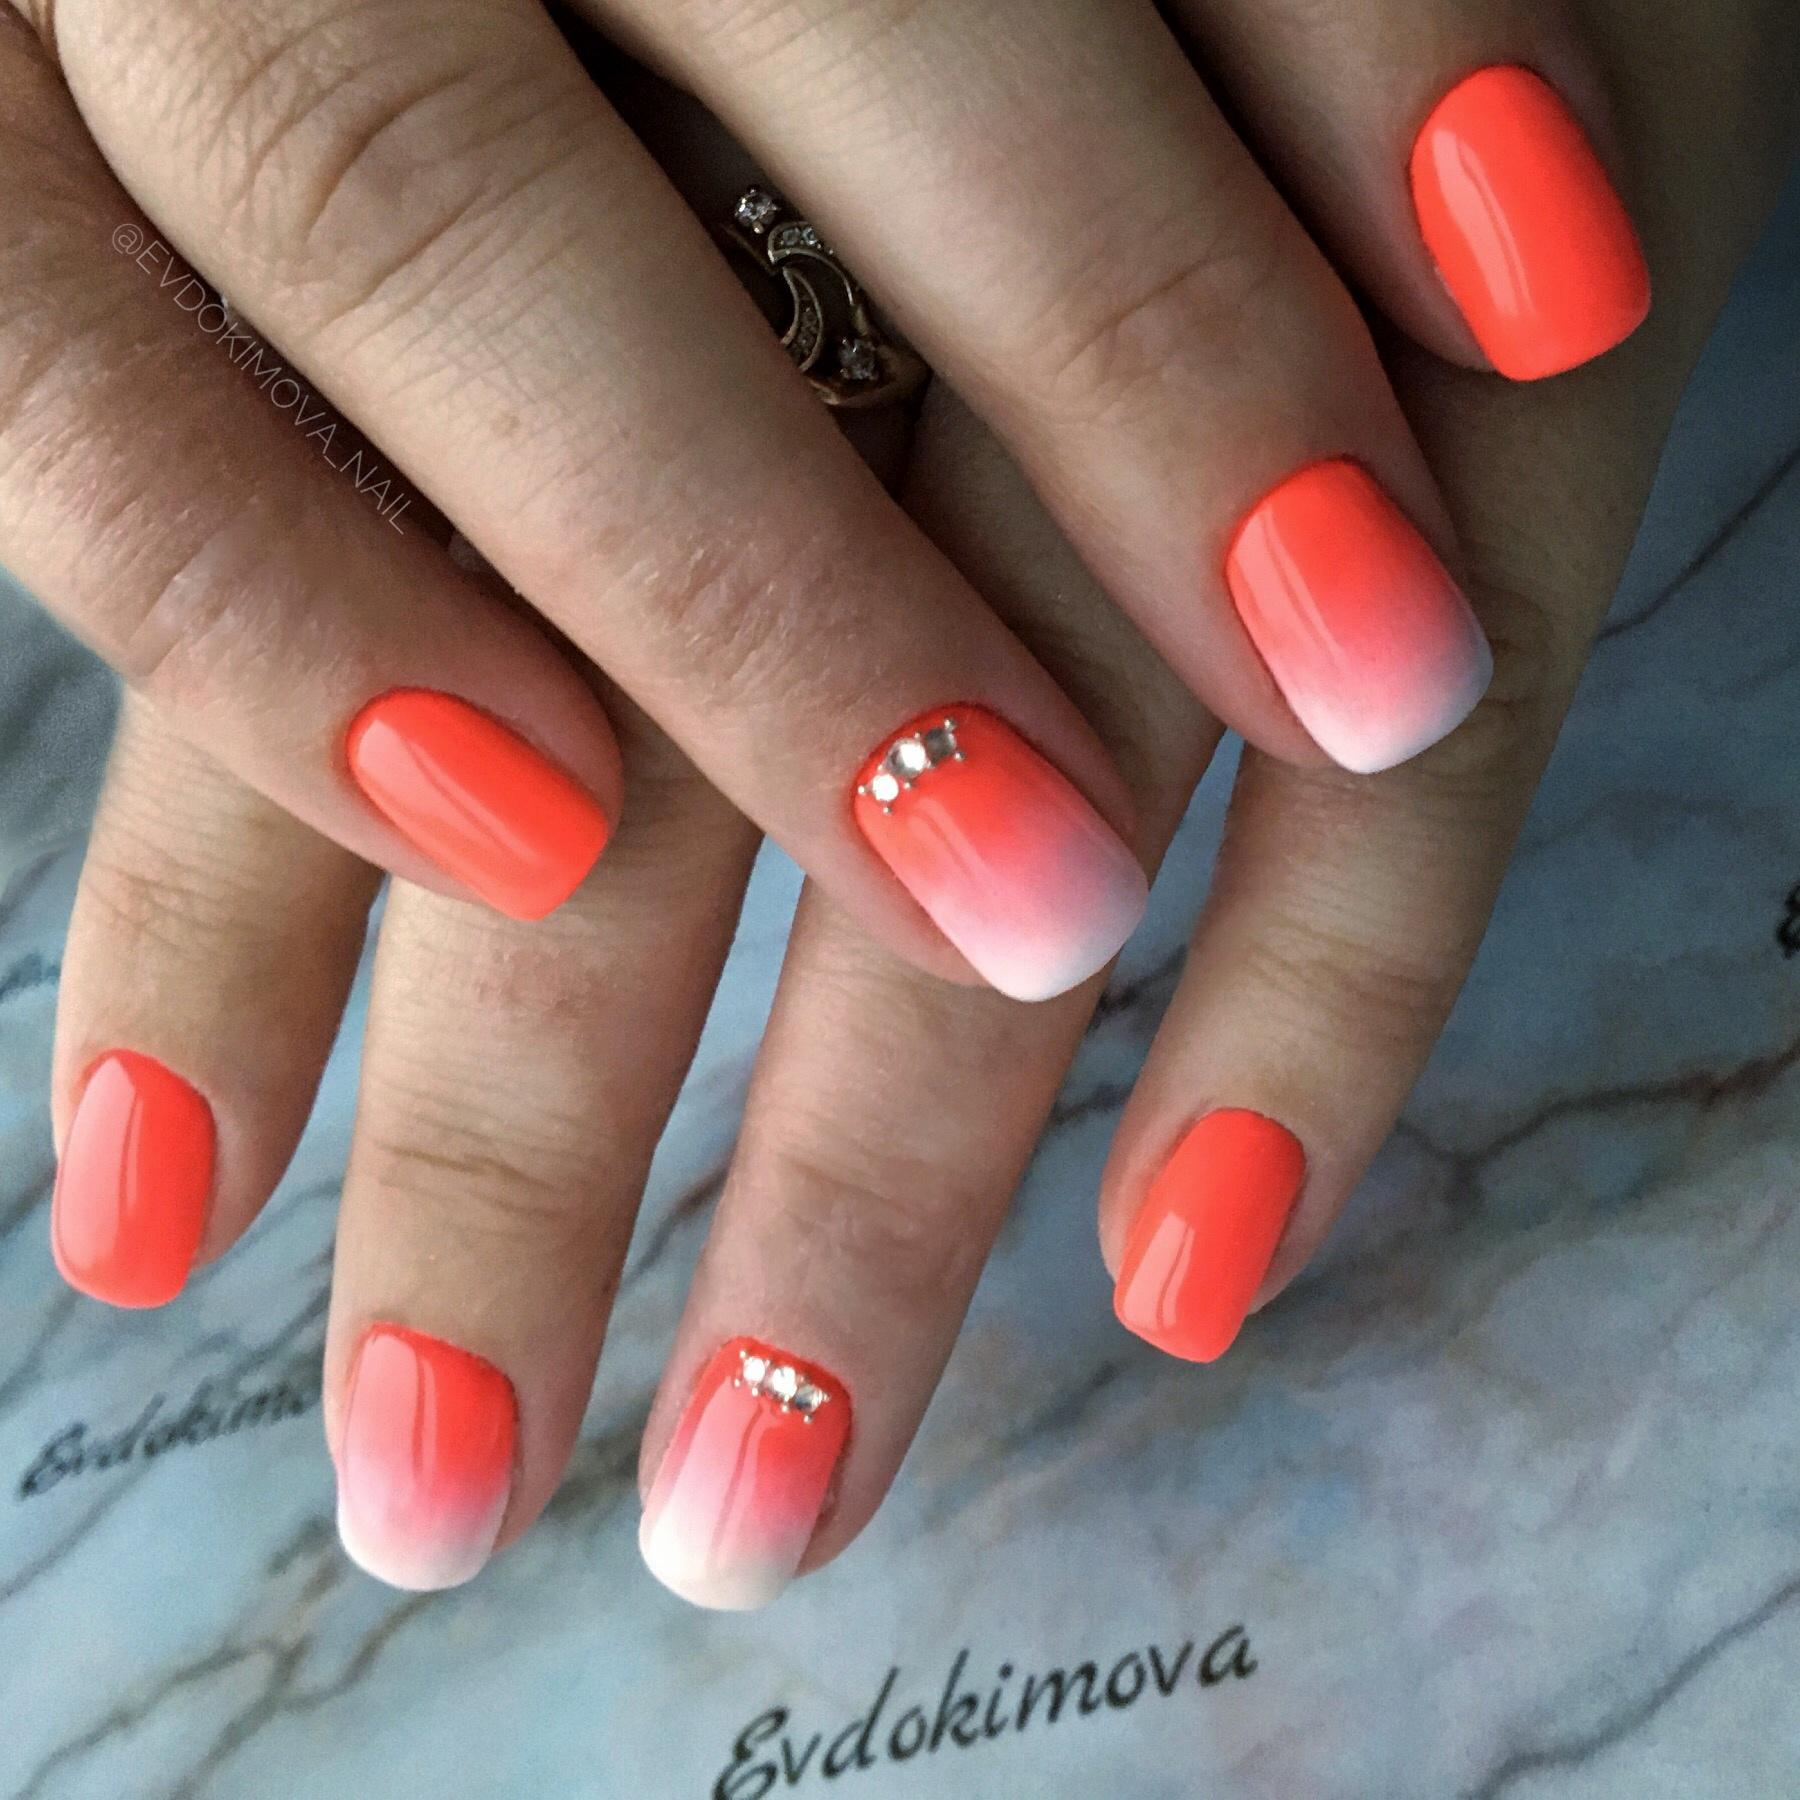 Маникюр с градиентом и стразами в оранжевом цвете.